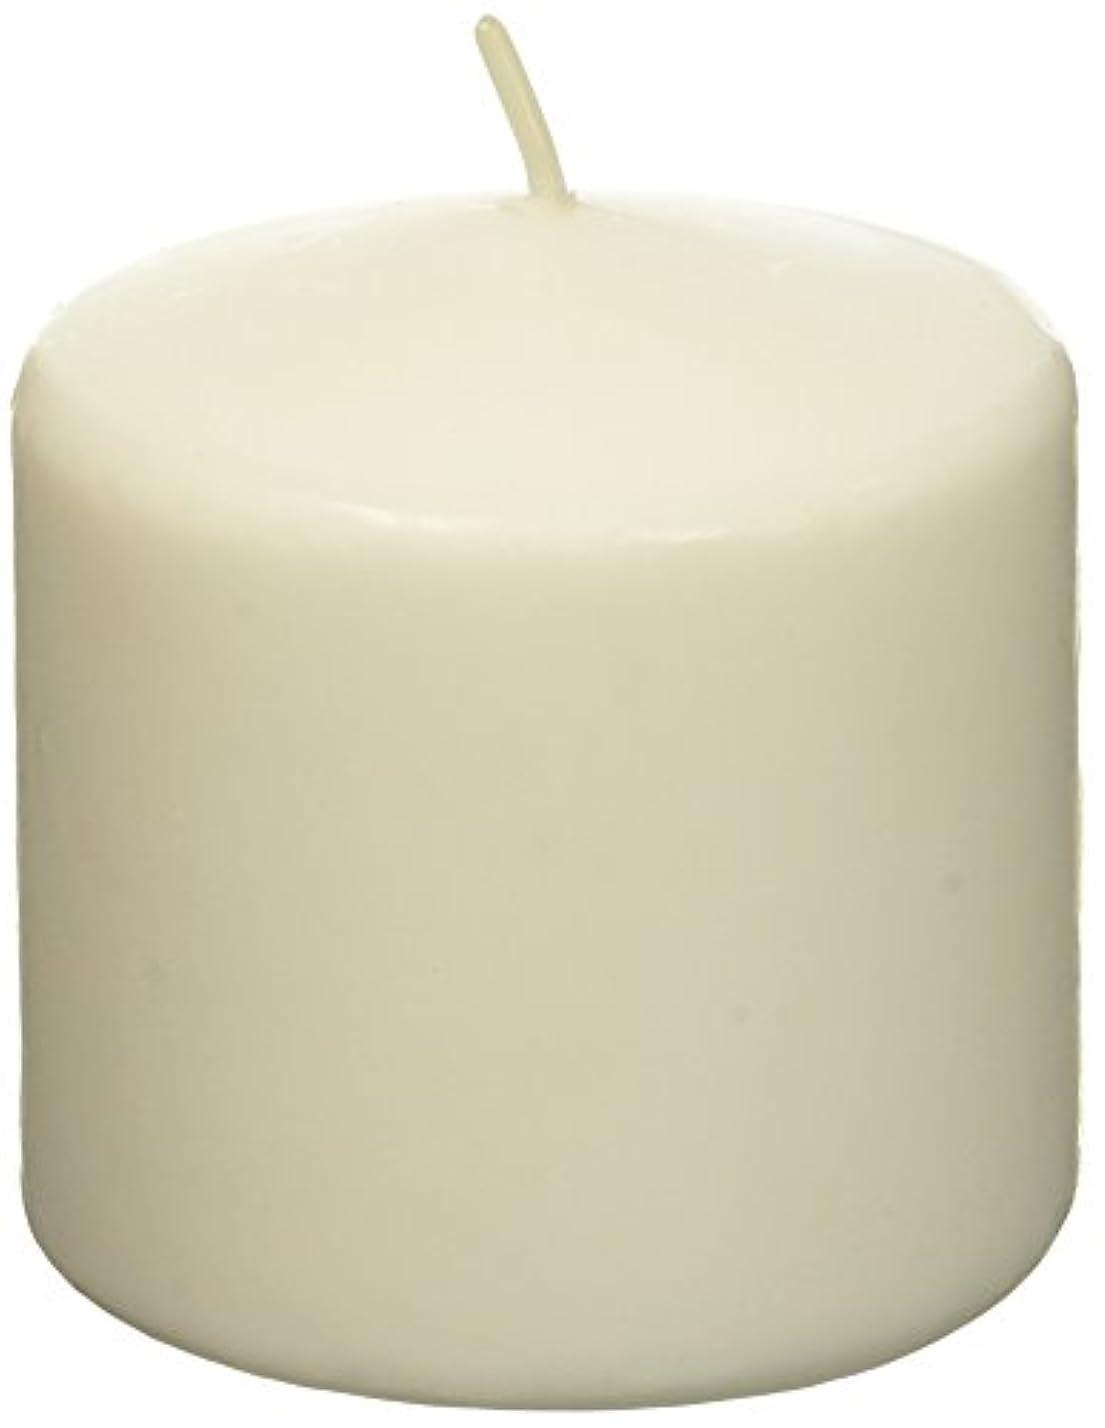 Zest Candle CPZ-007-12 3 x 3 in. White Pillar Candles -12pcs-Case- Bulk